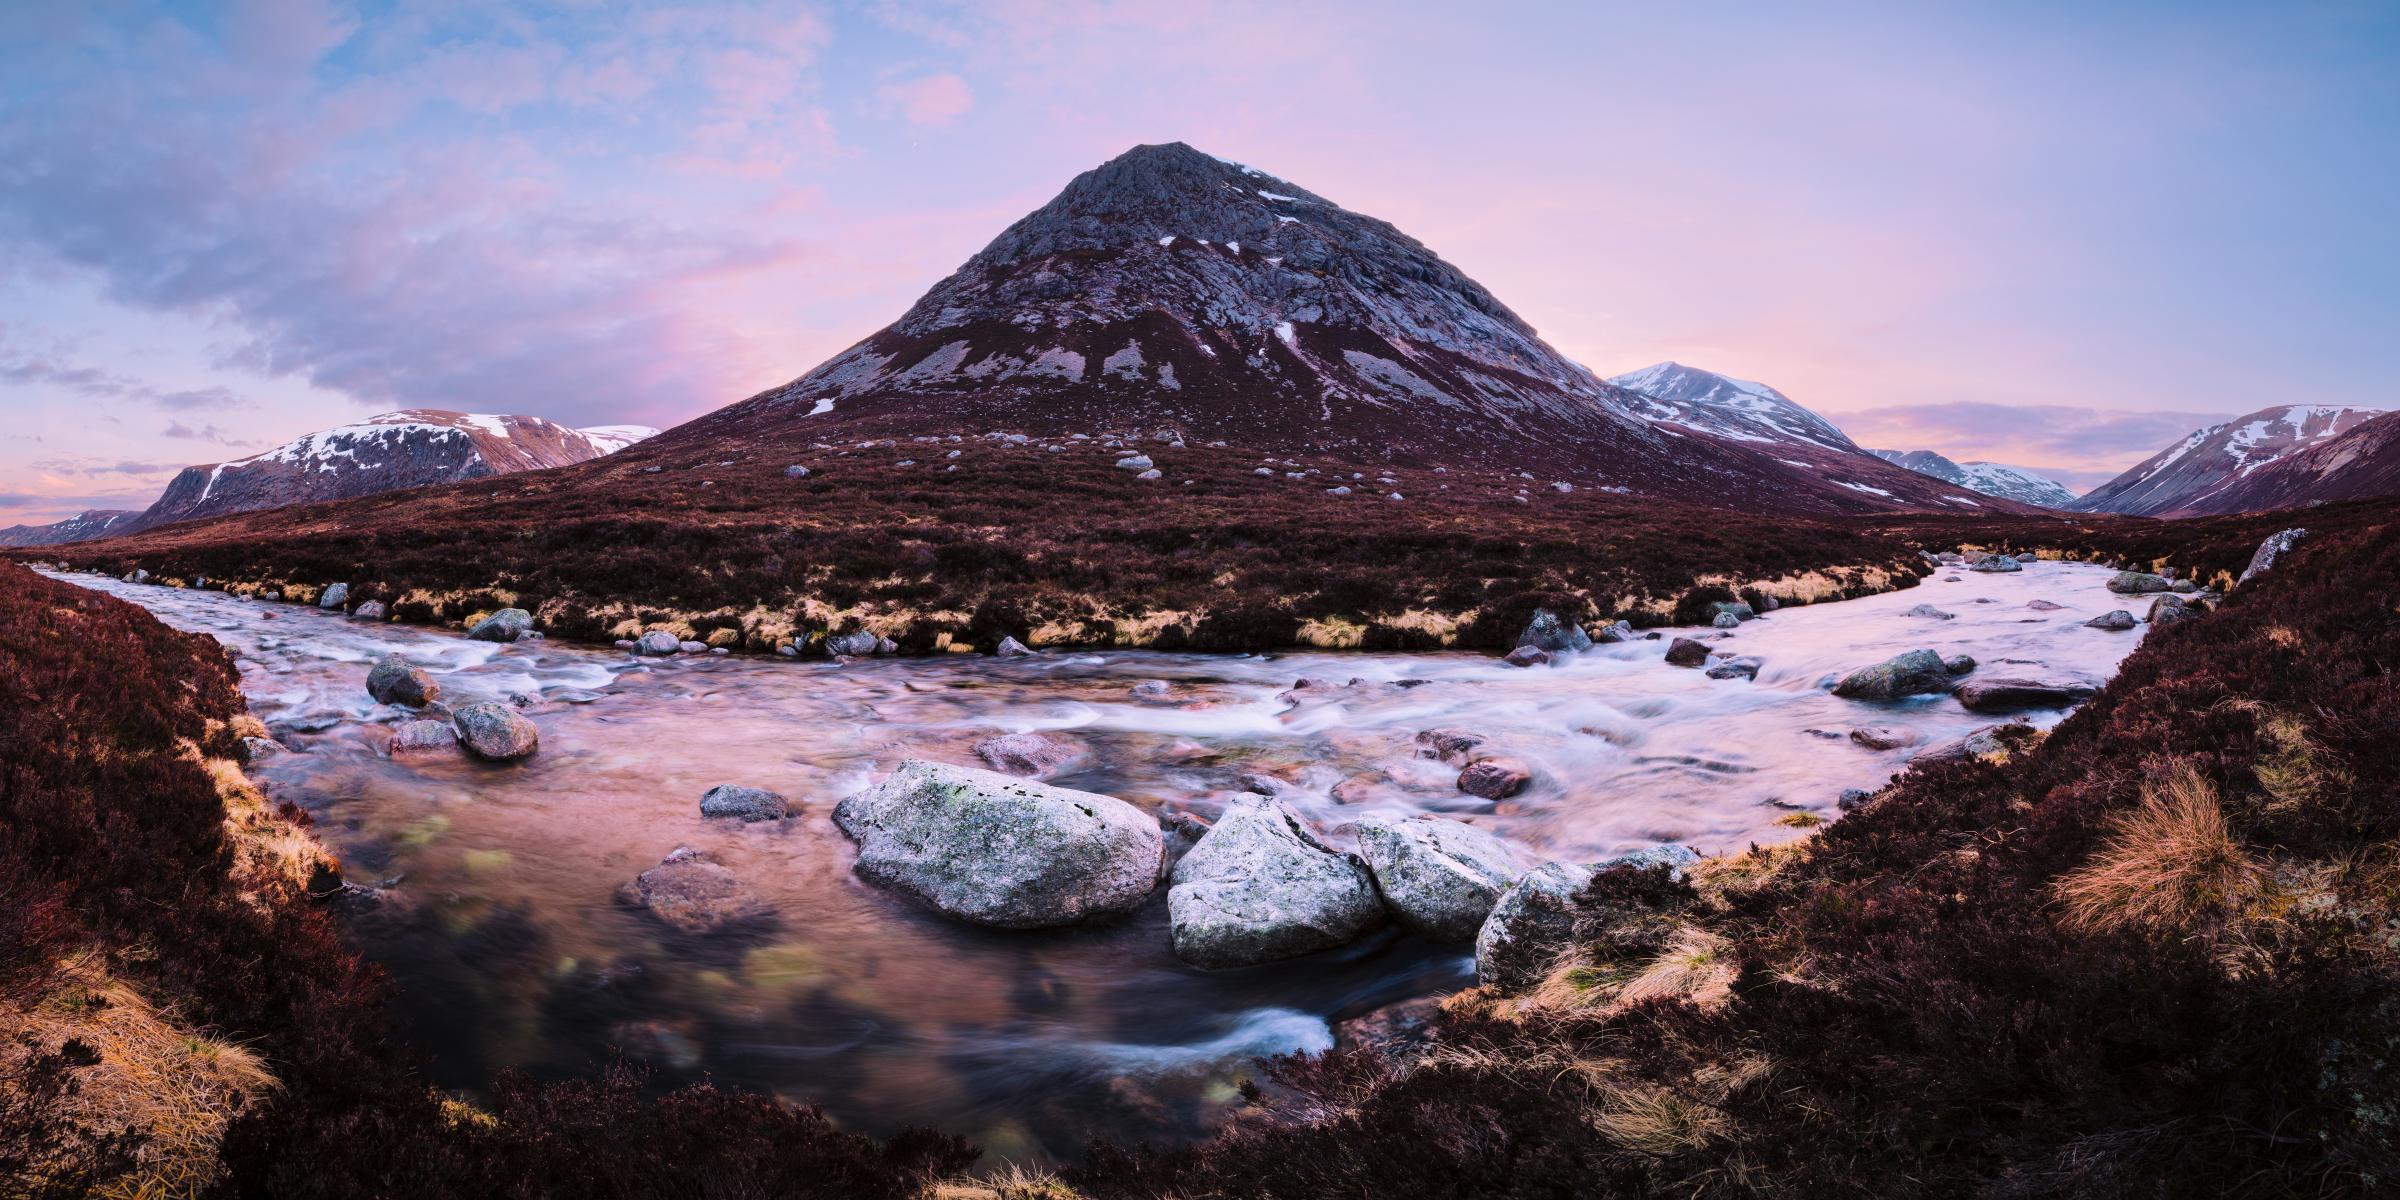 Review: The Living Mountain, by Nan Shepherd